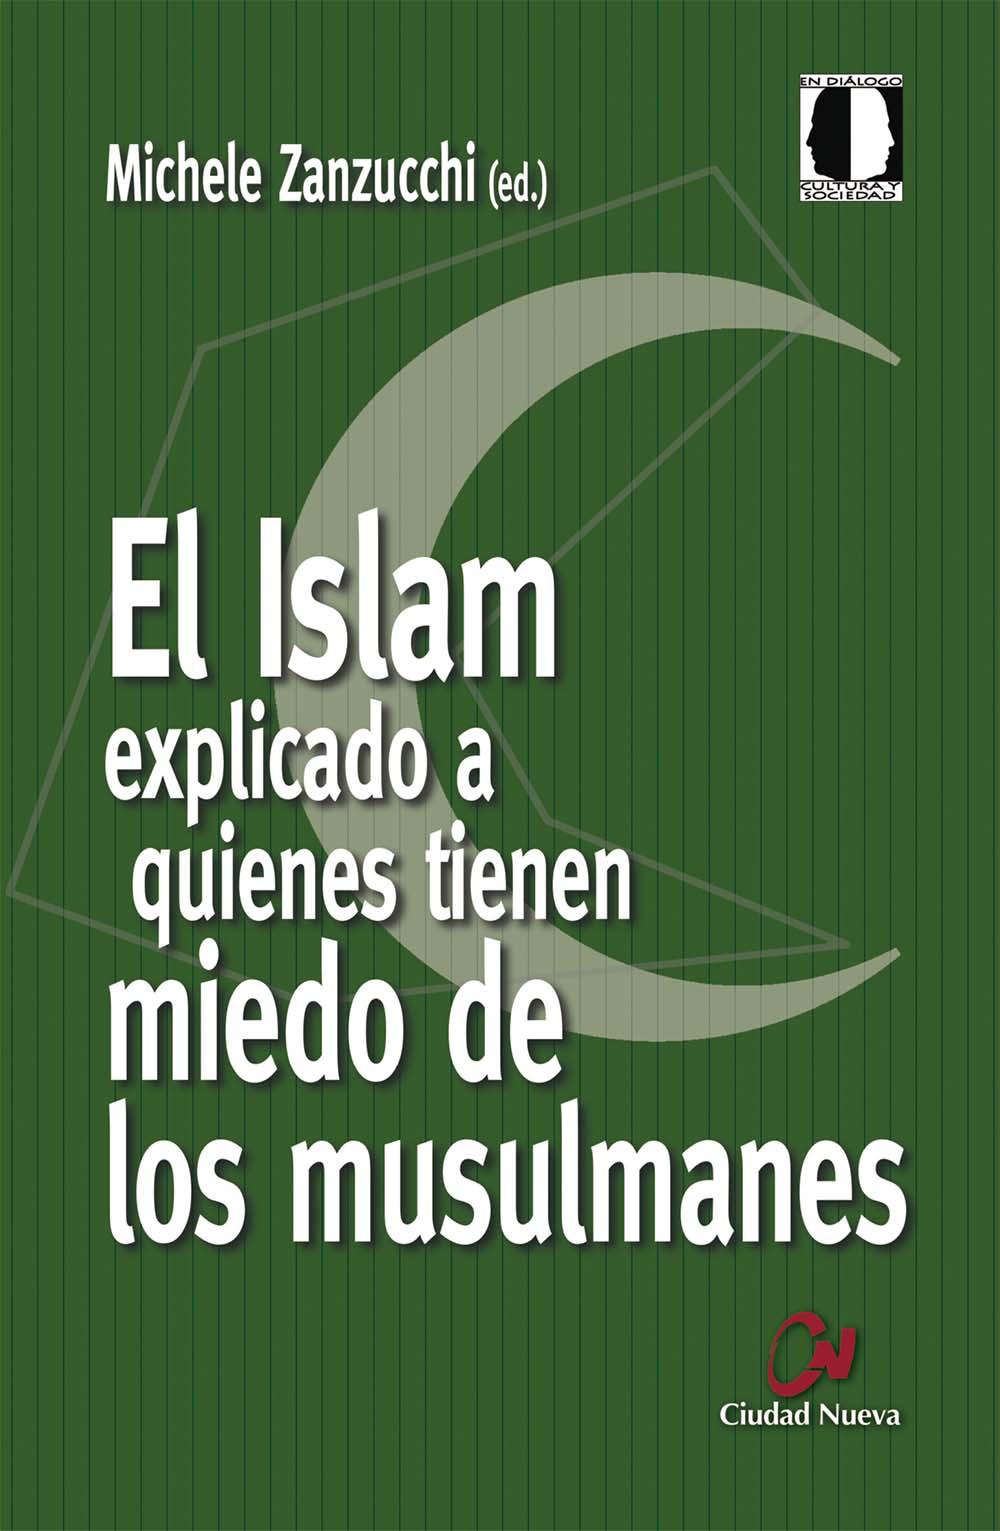 el-islam-explicado-a-quienes-tienen-miedo-de-los-musulmanes